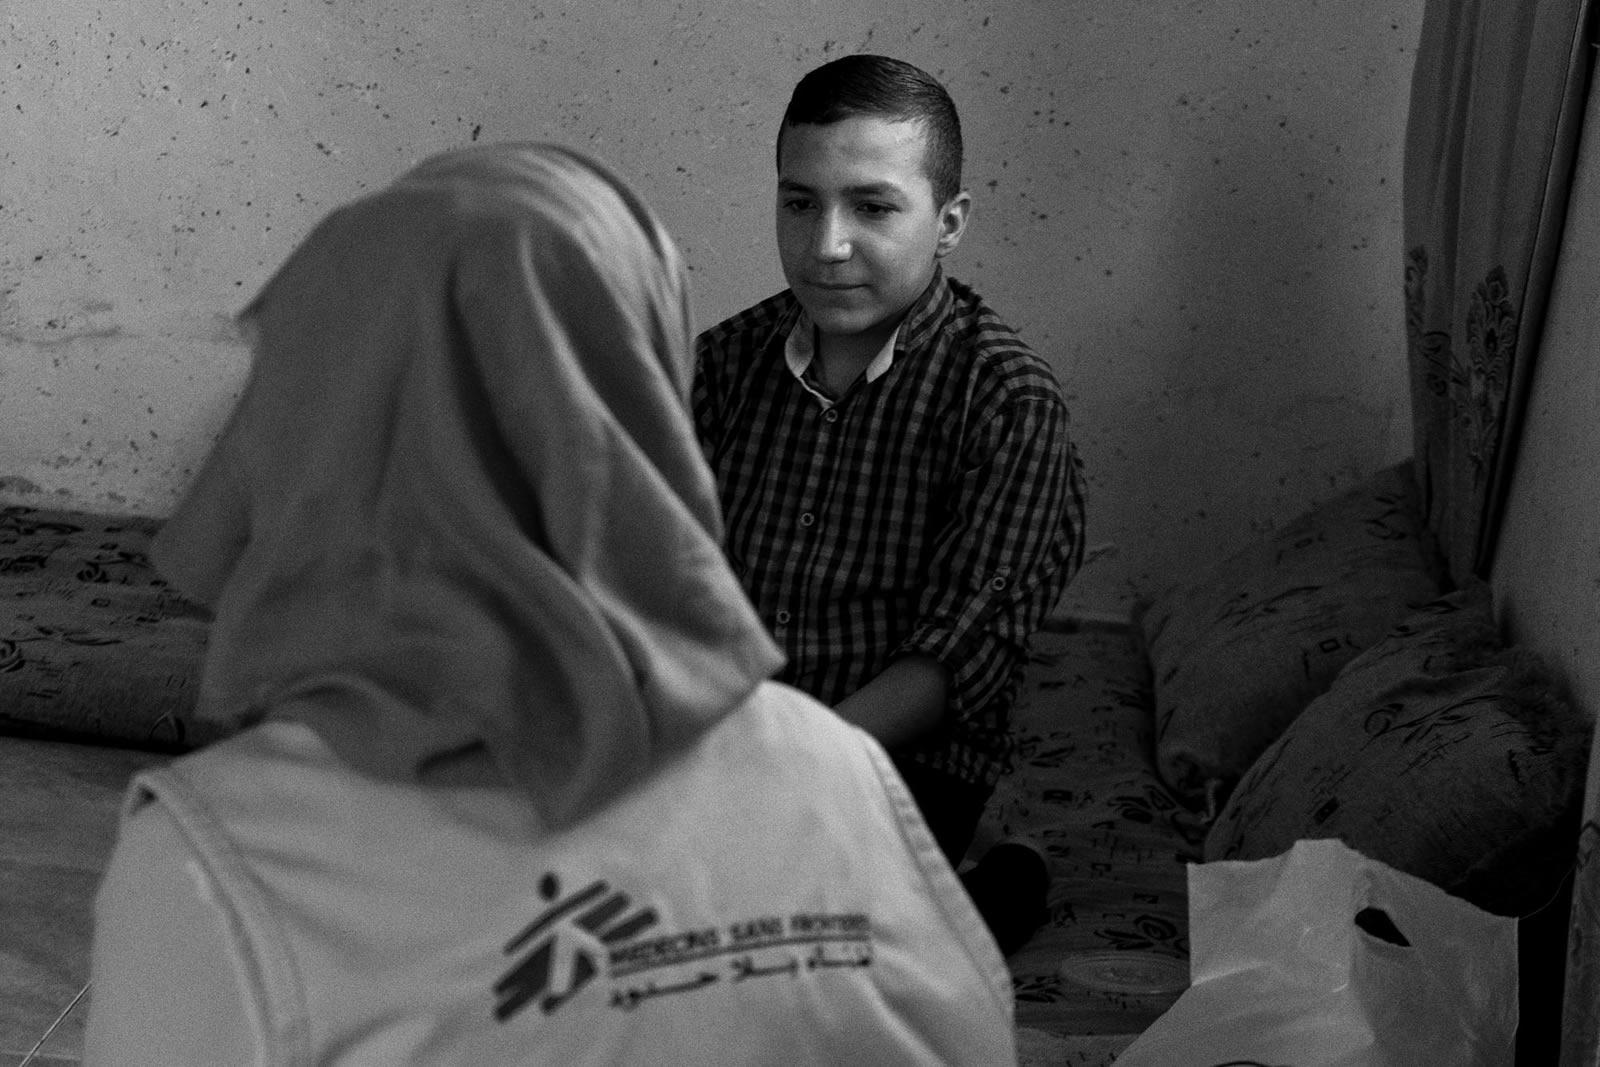 優素福的童年受暴力事件深深影響。現年13歲的他,以往總是感到憤怒、自我封閉,害怕踏出家門。接受過無國界醫生的精神健康照護後,他現在已能走向戶外,與其他人一同玩耍。© Moises Saman/Magnum Photos